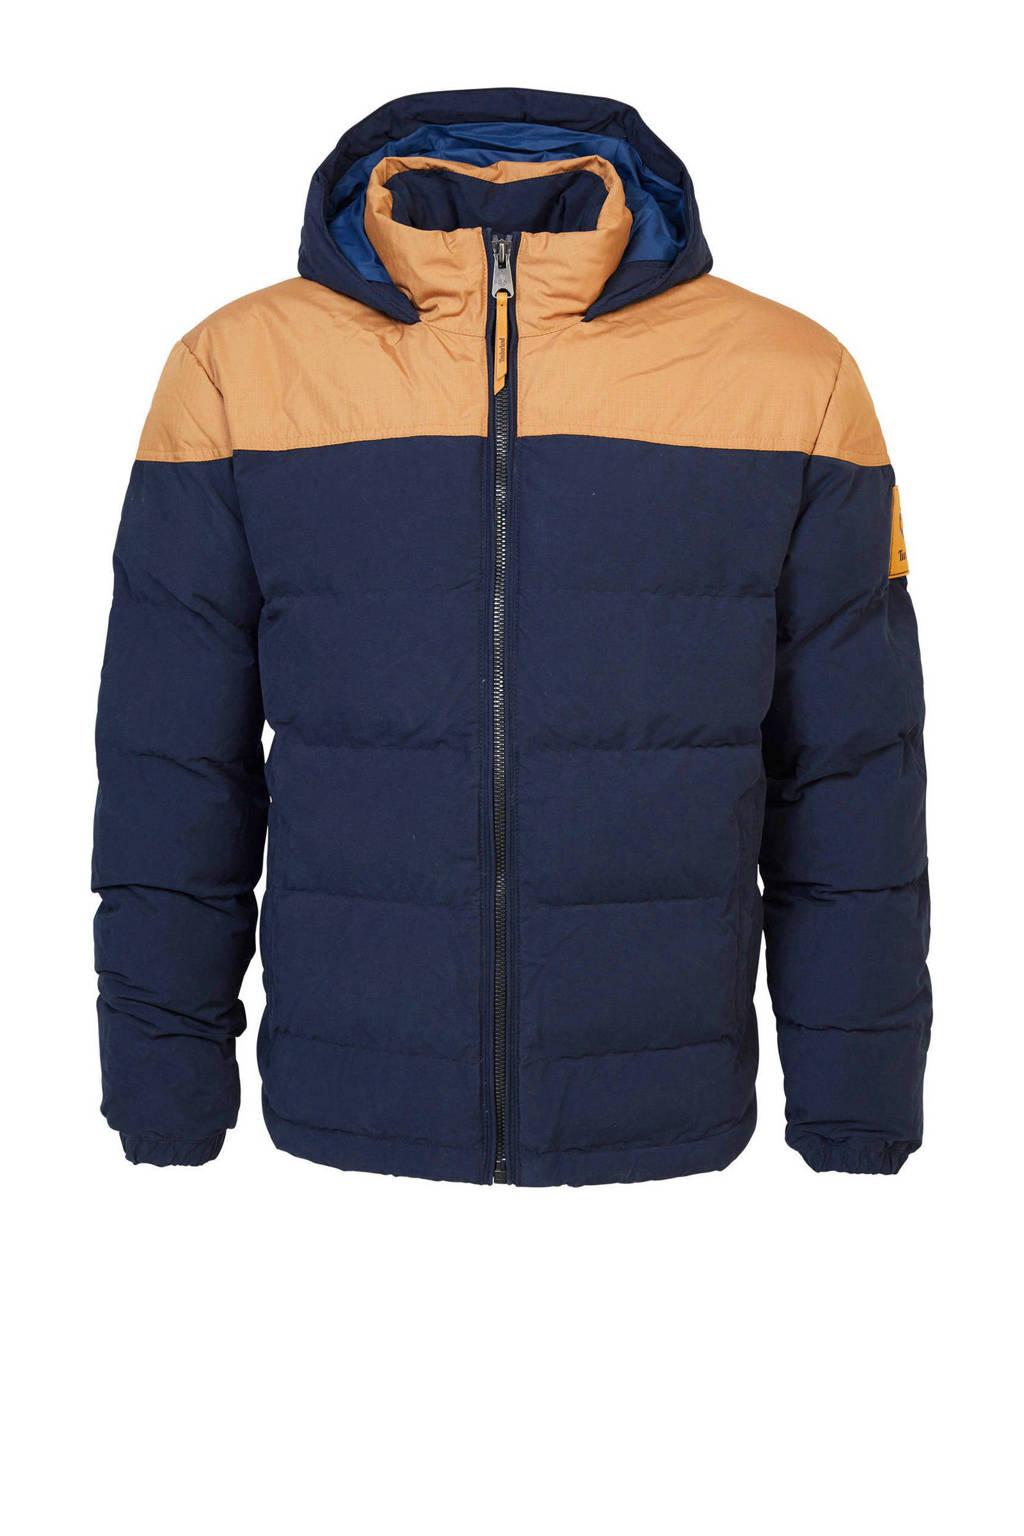 Timberland jas donkerblauw/beige, Donkerblauw/Beige